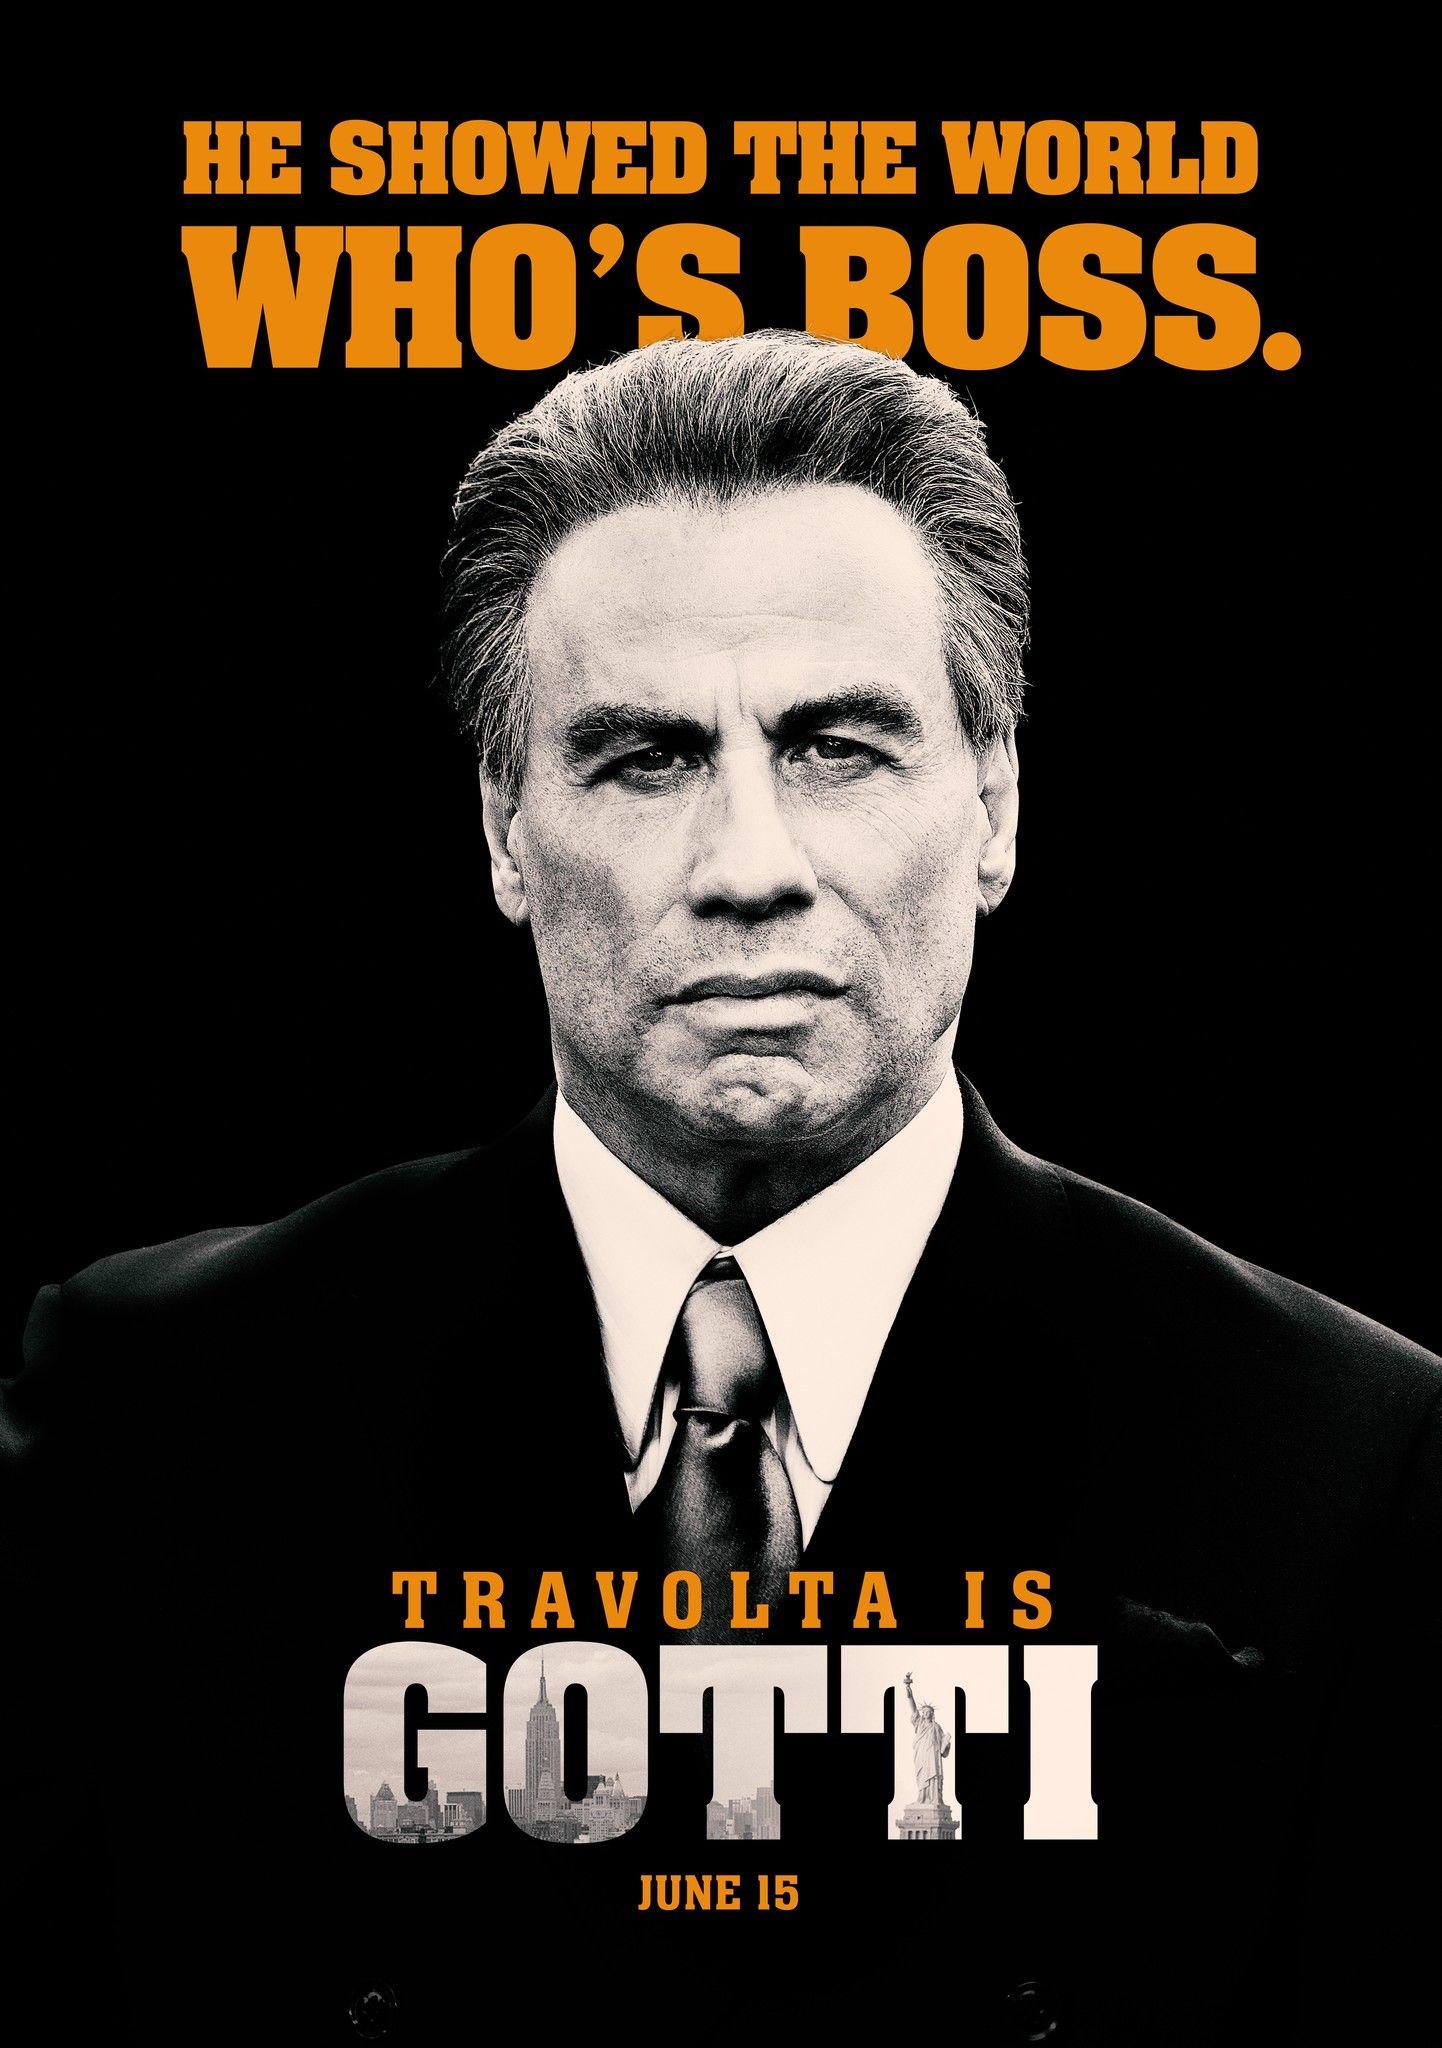 Gotti Turkce Altyazili Izle Full Hd Film Izle 123 Free Movies Online John Travolta Hd Movies